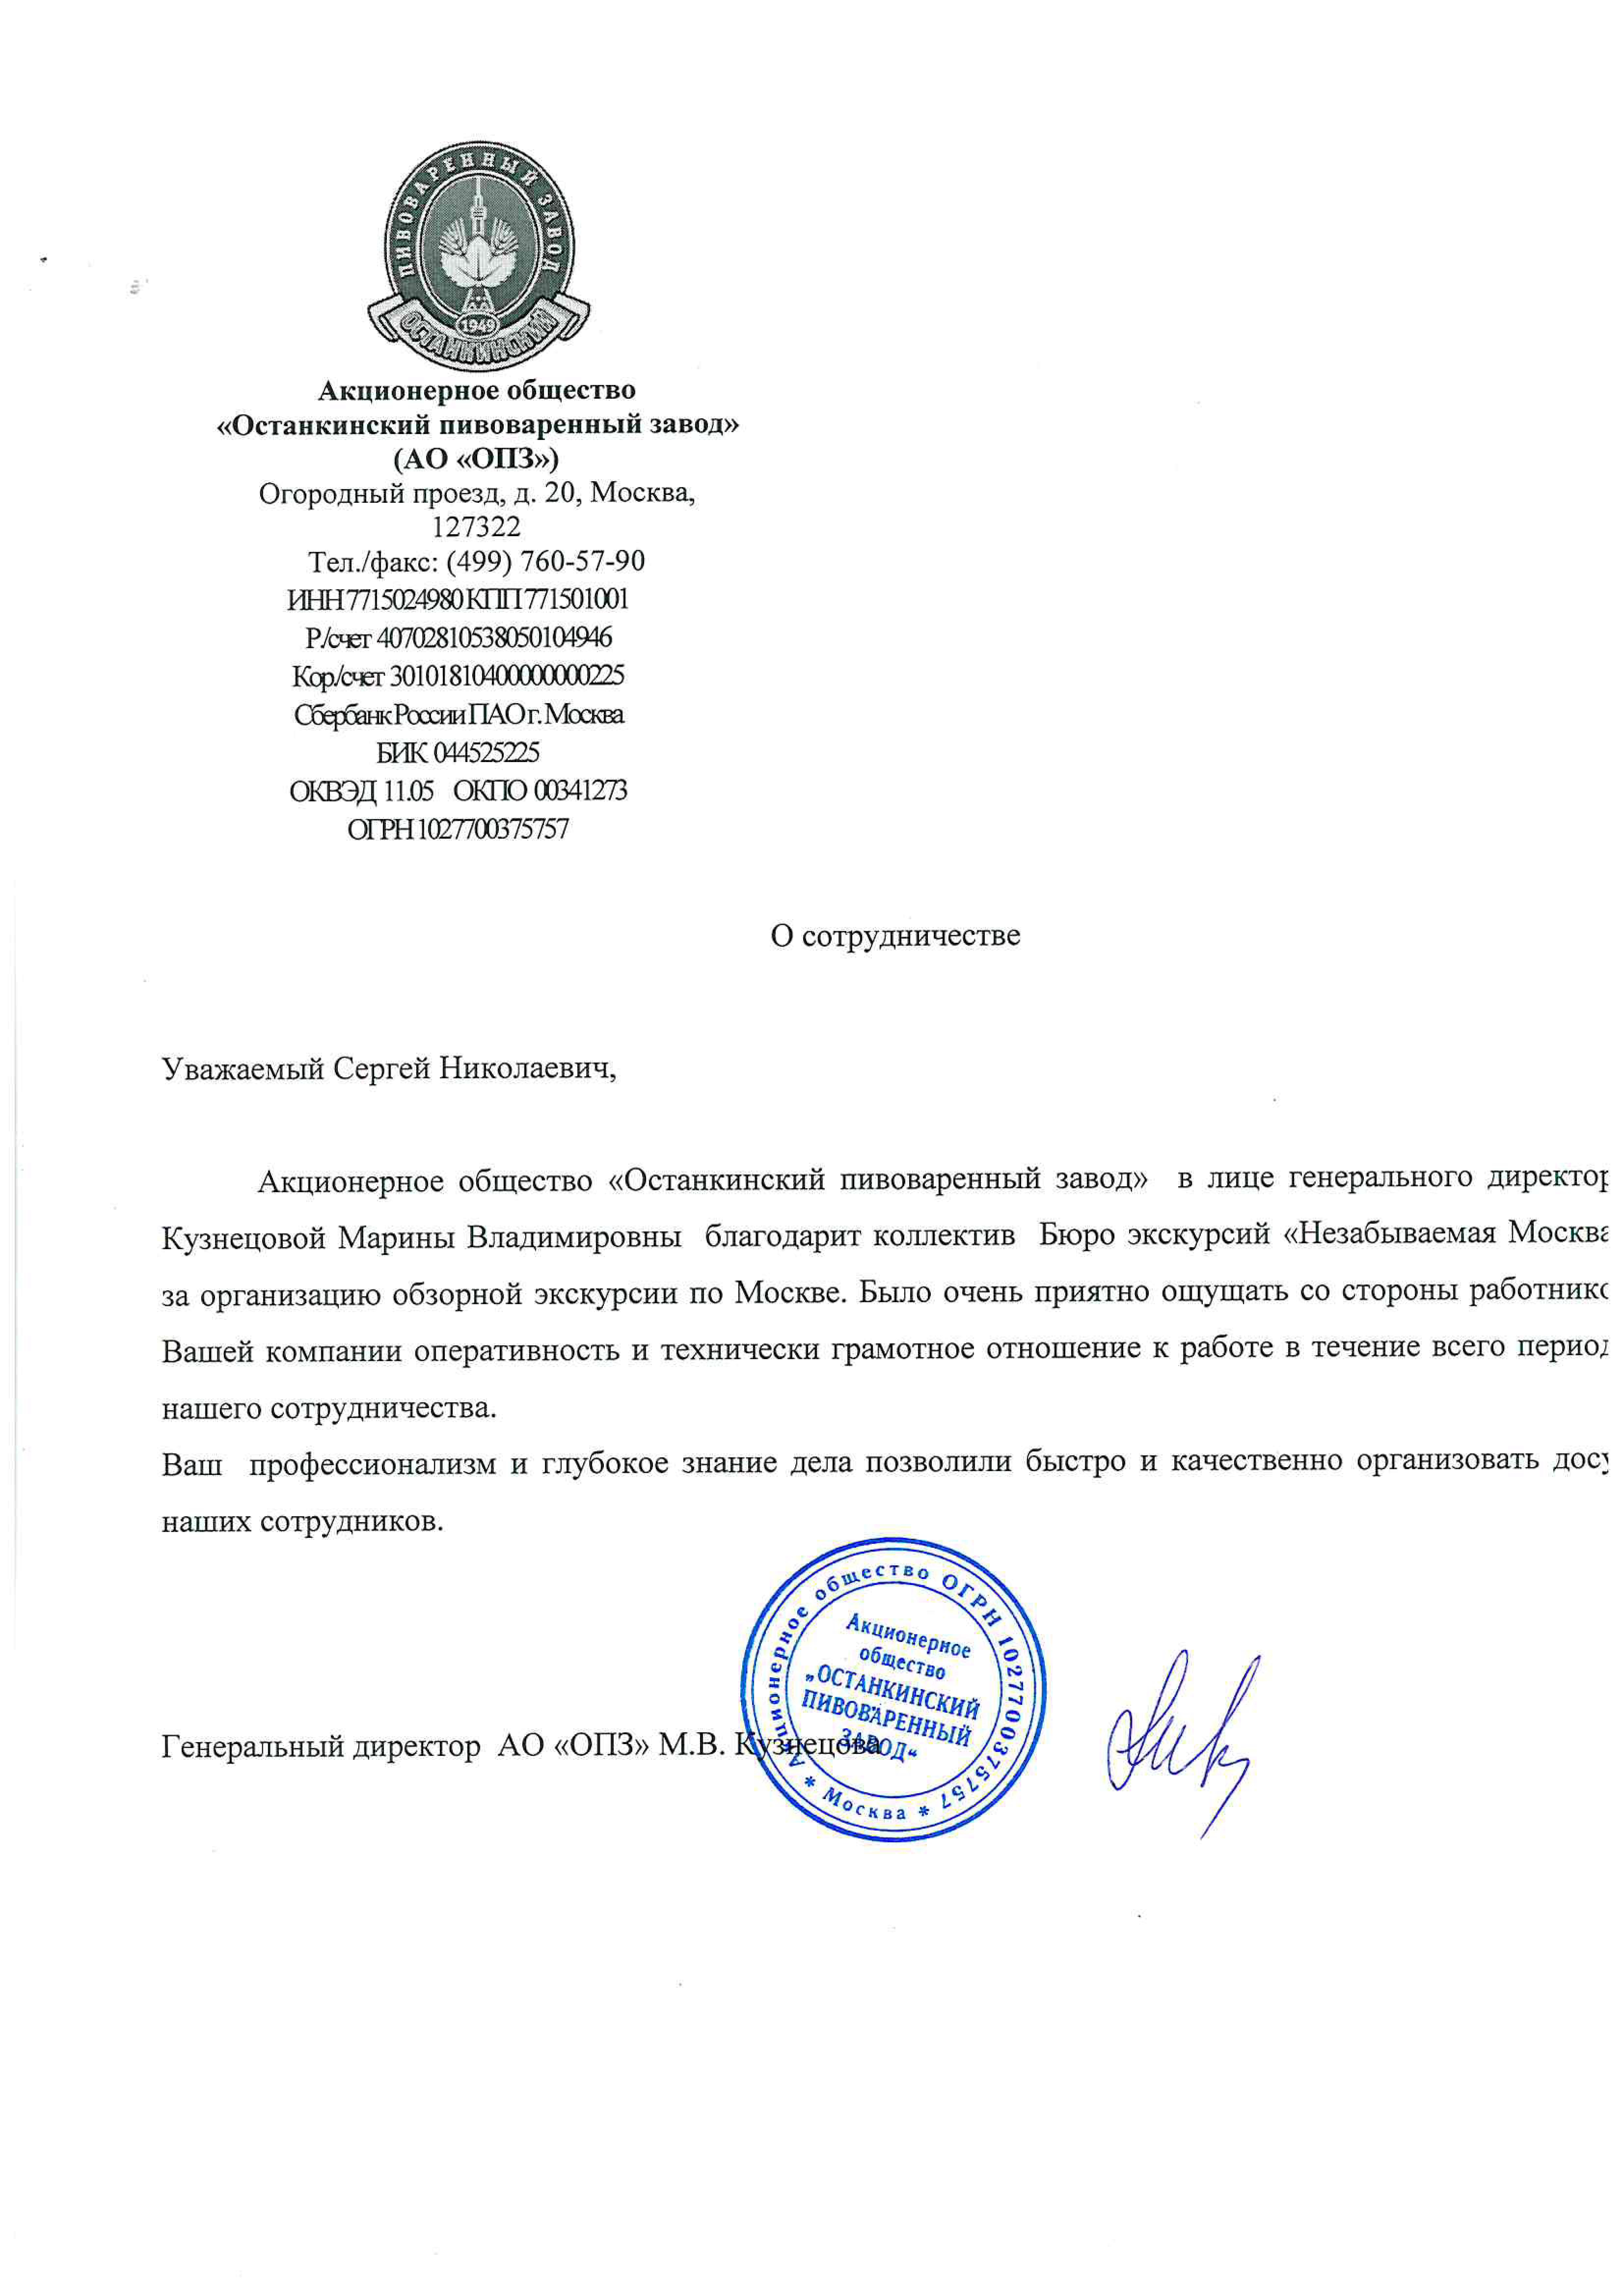 Благодарственное письмо от Останкинского Пивоваренного завода